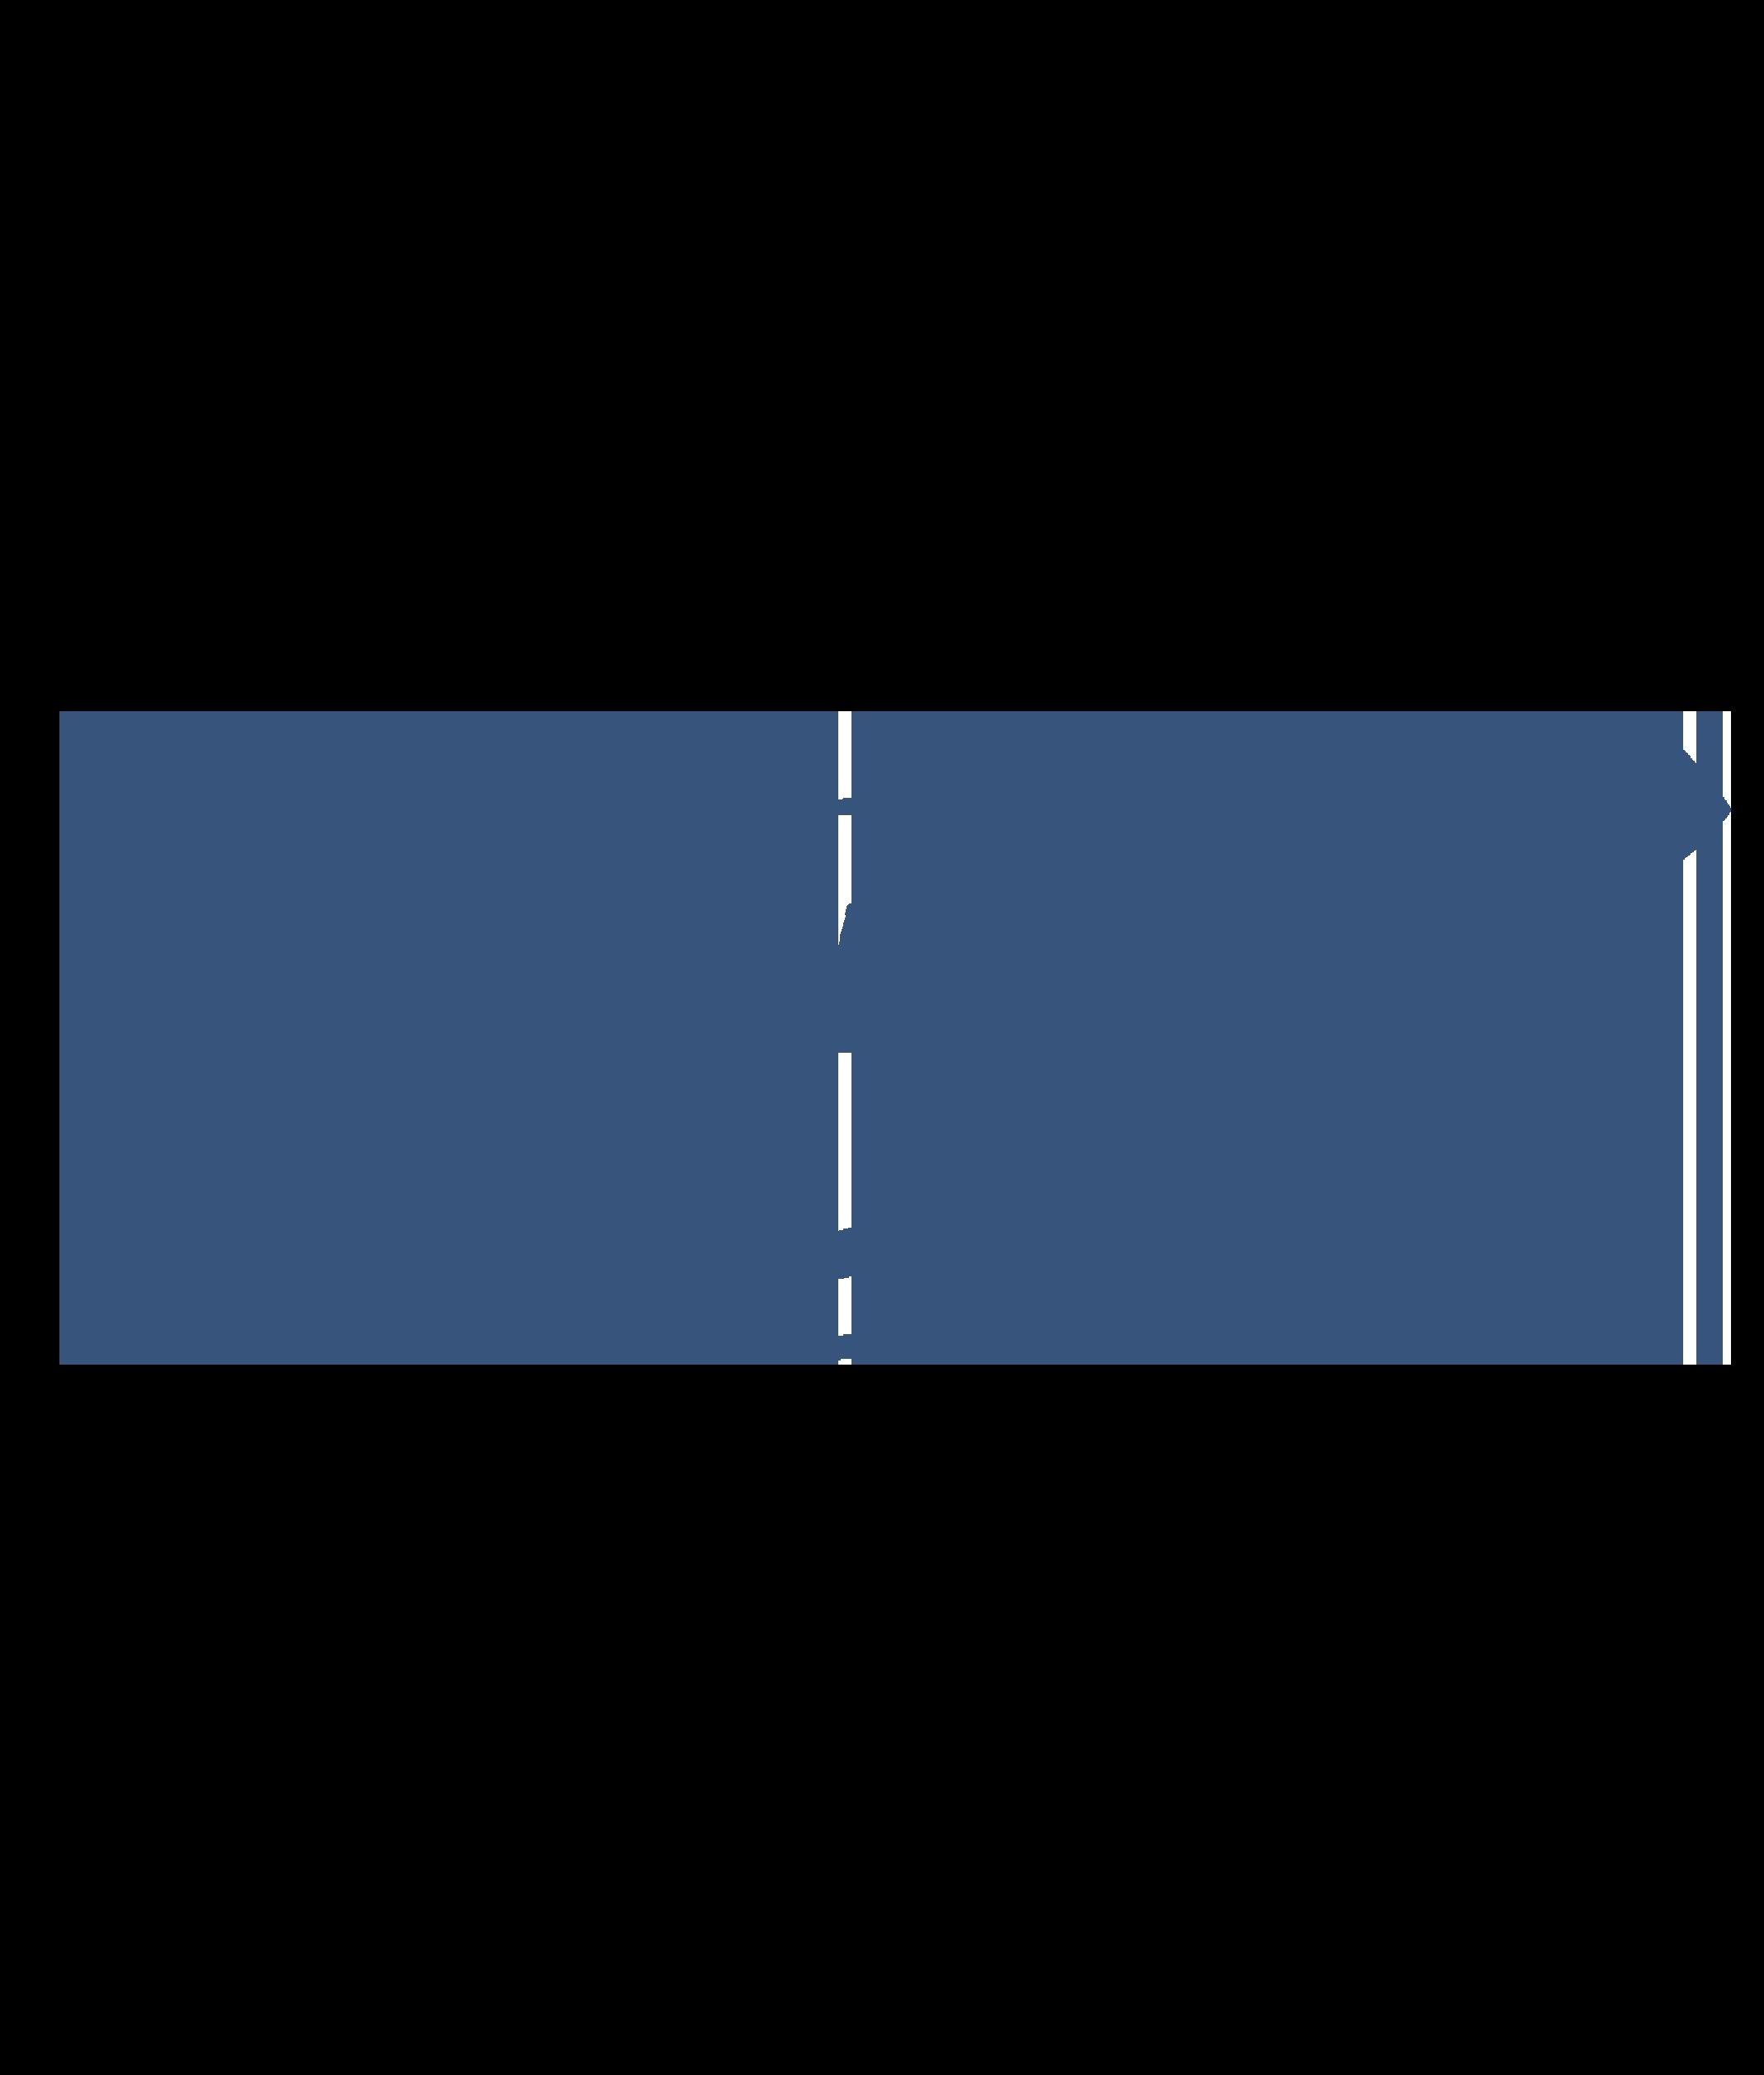 tachyon.png